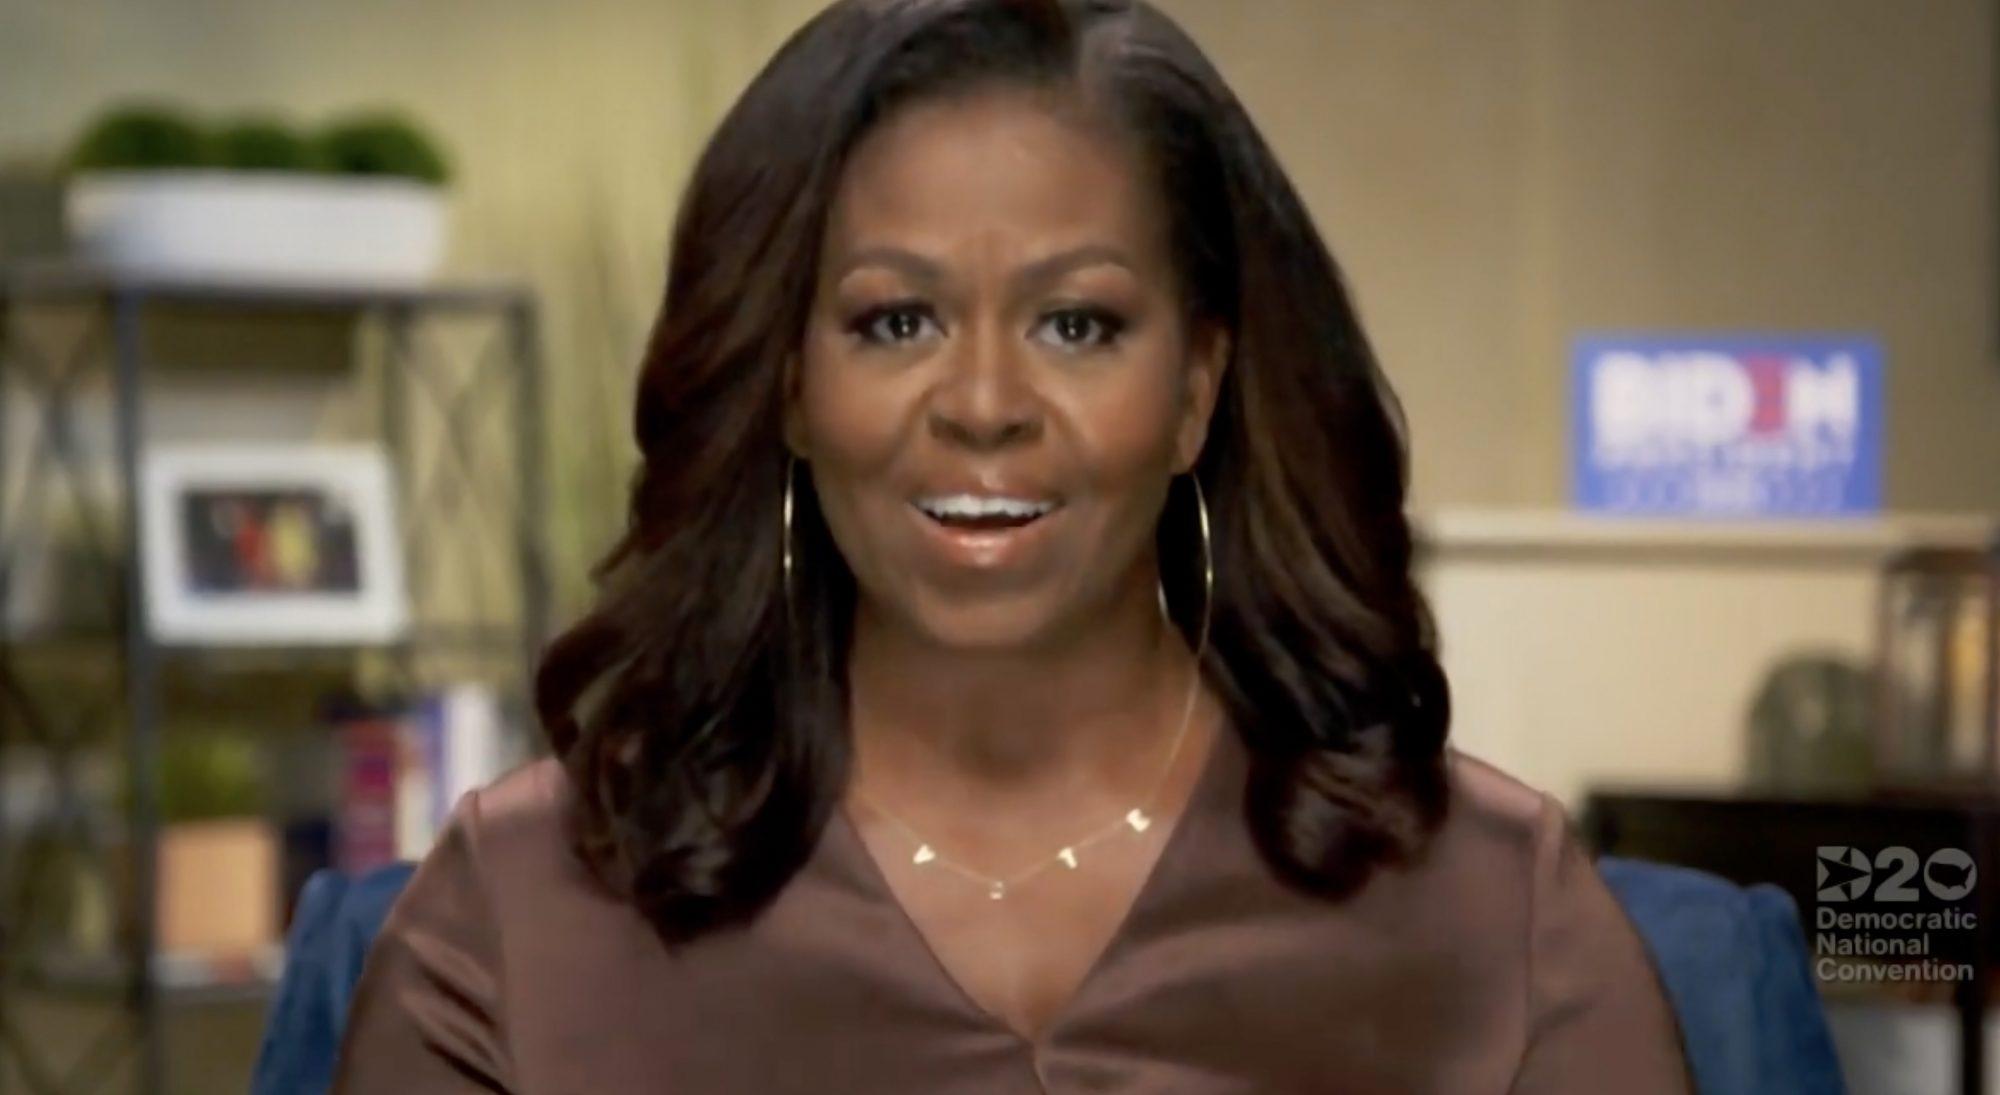 michelle obama vote necklace DNC speech